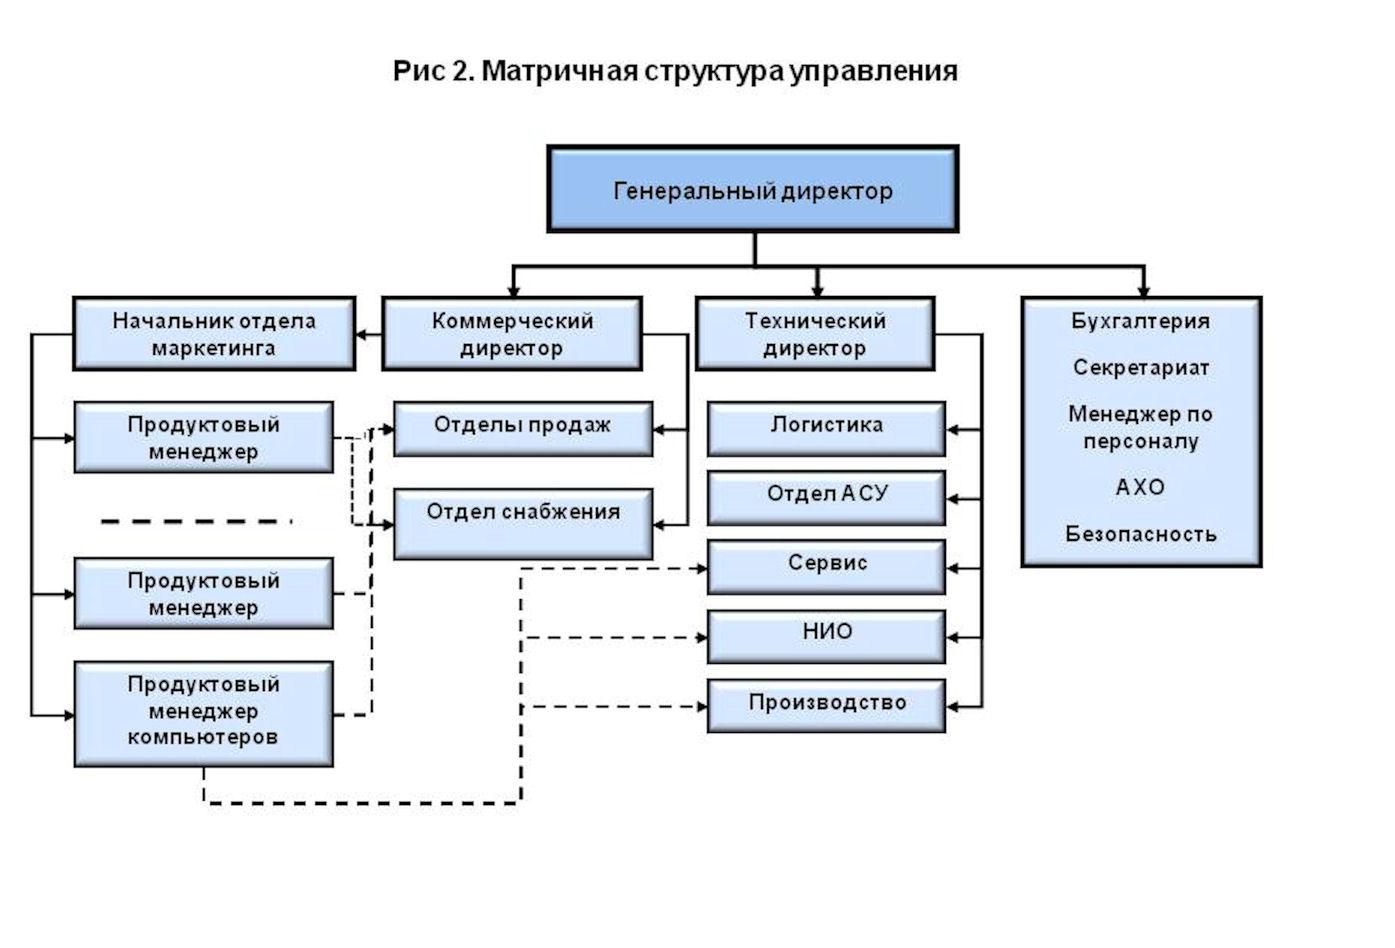 Схема организационного построения торгового дома